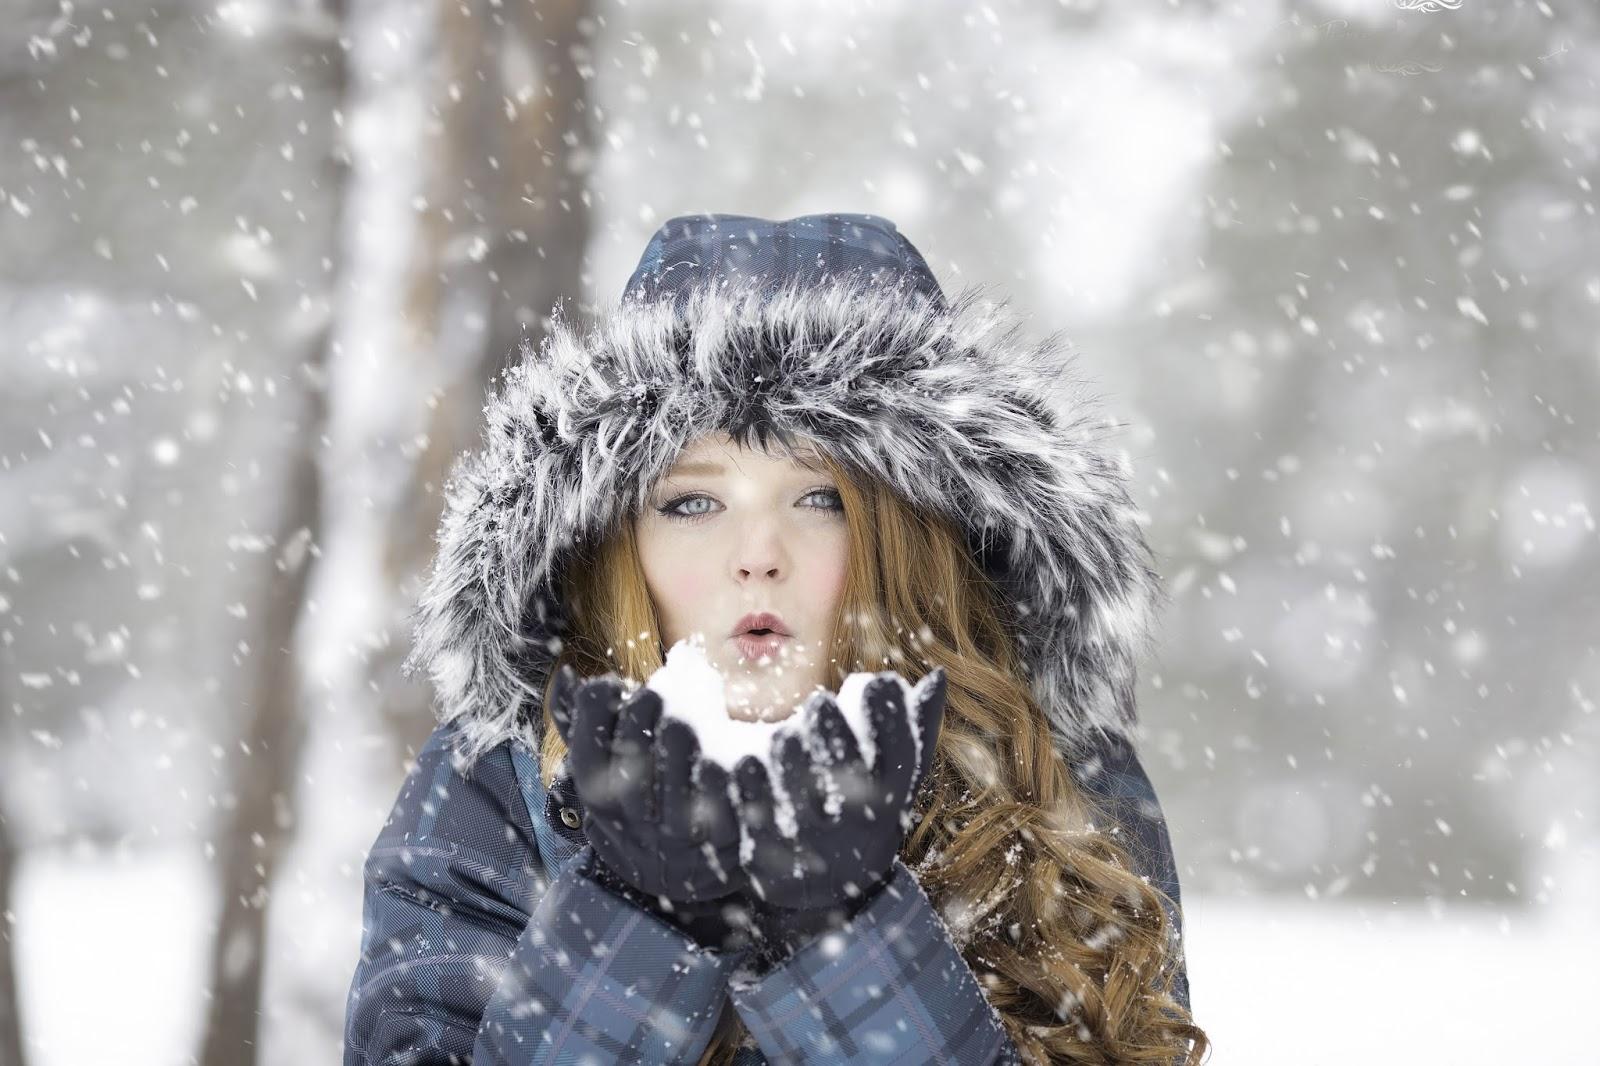 Llega el invierno: 8 consejos saludables para sobrellevarlo